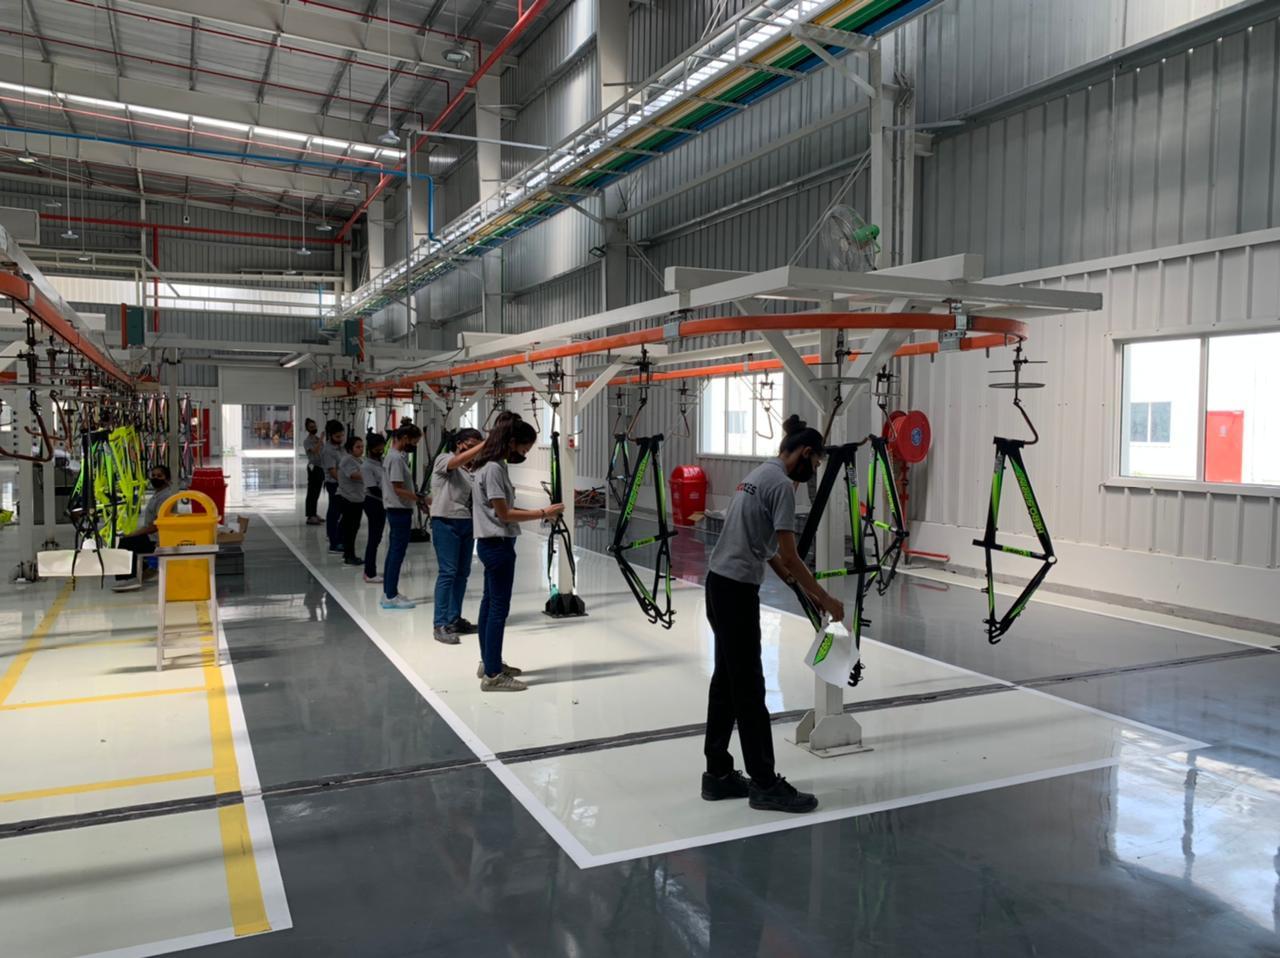 लुधियाना उत्तरी भारत का औद्योगिक केंद्र बनने की राह पर: उद्योग मंत्री गुरकीरत सिंह